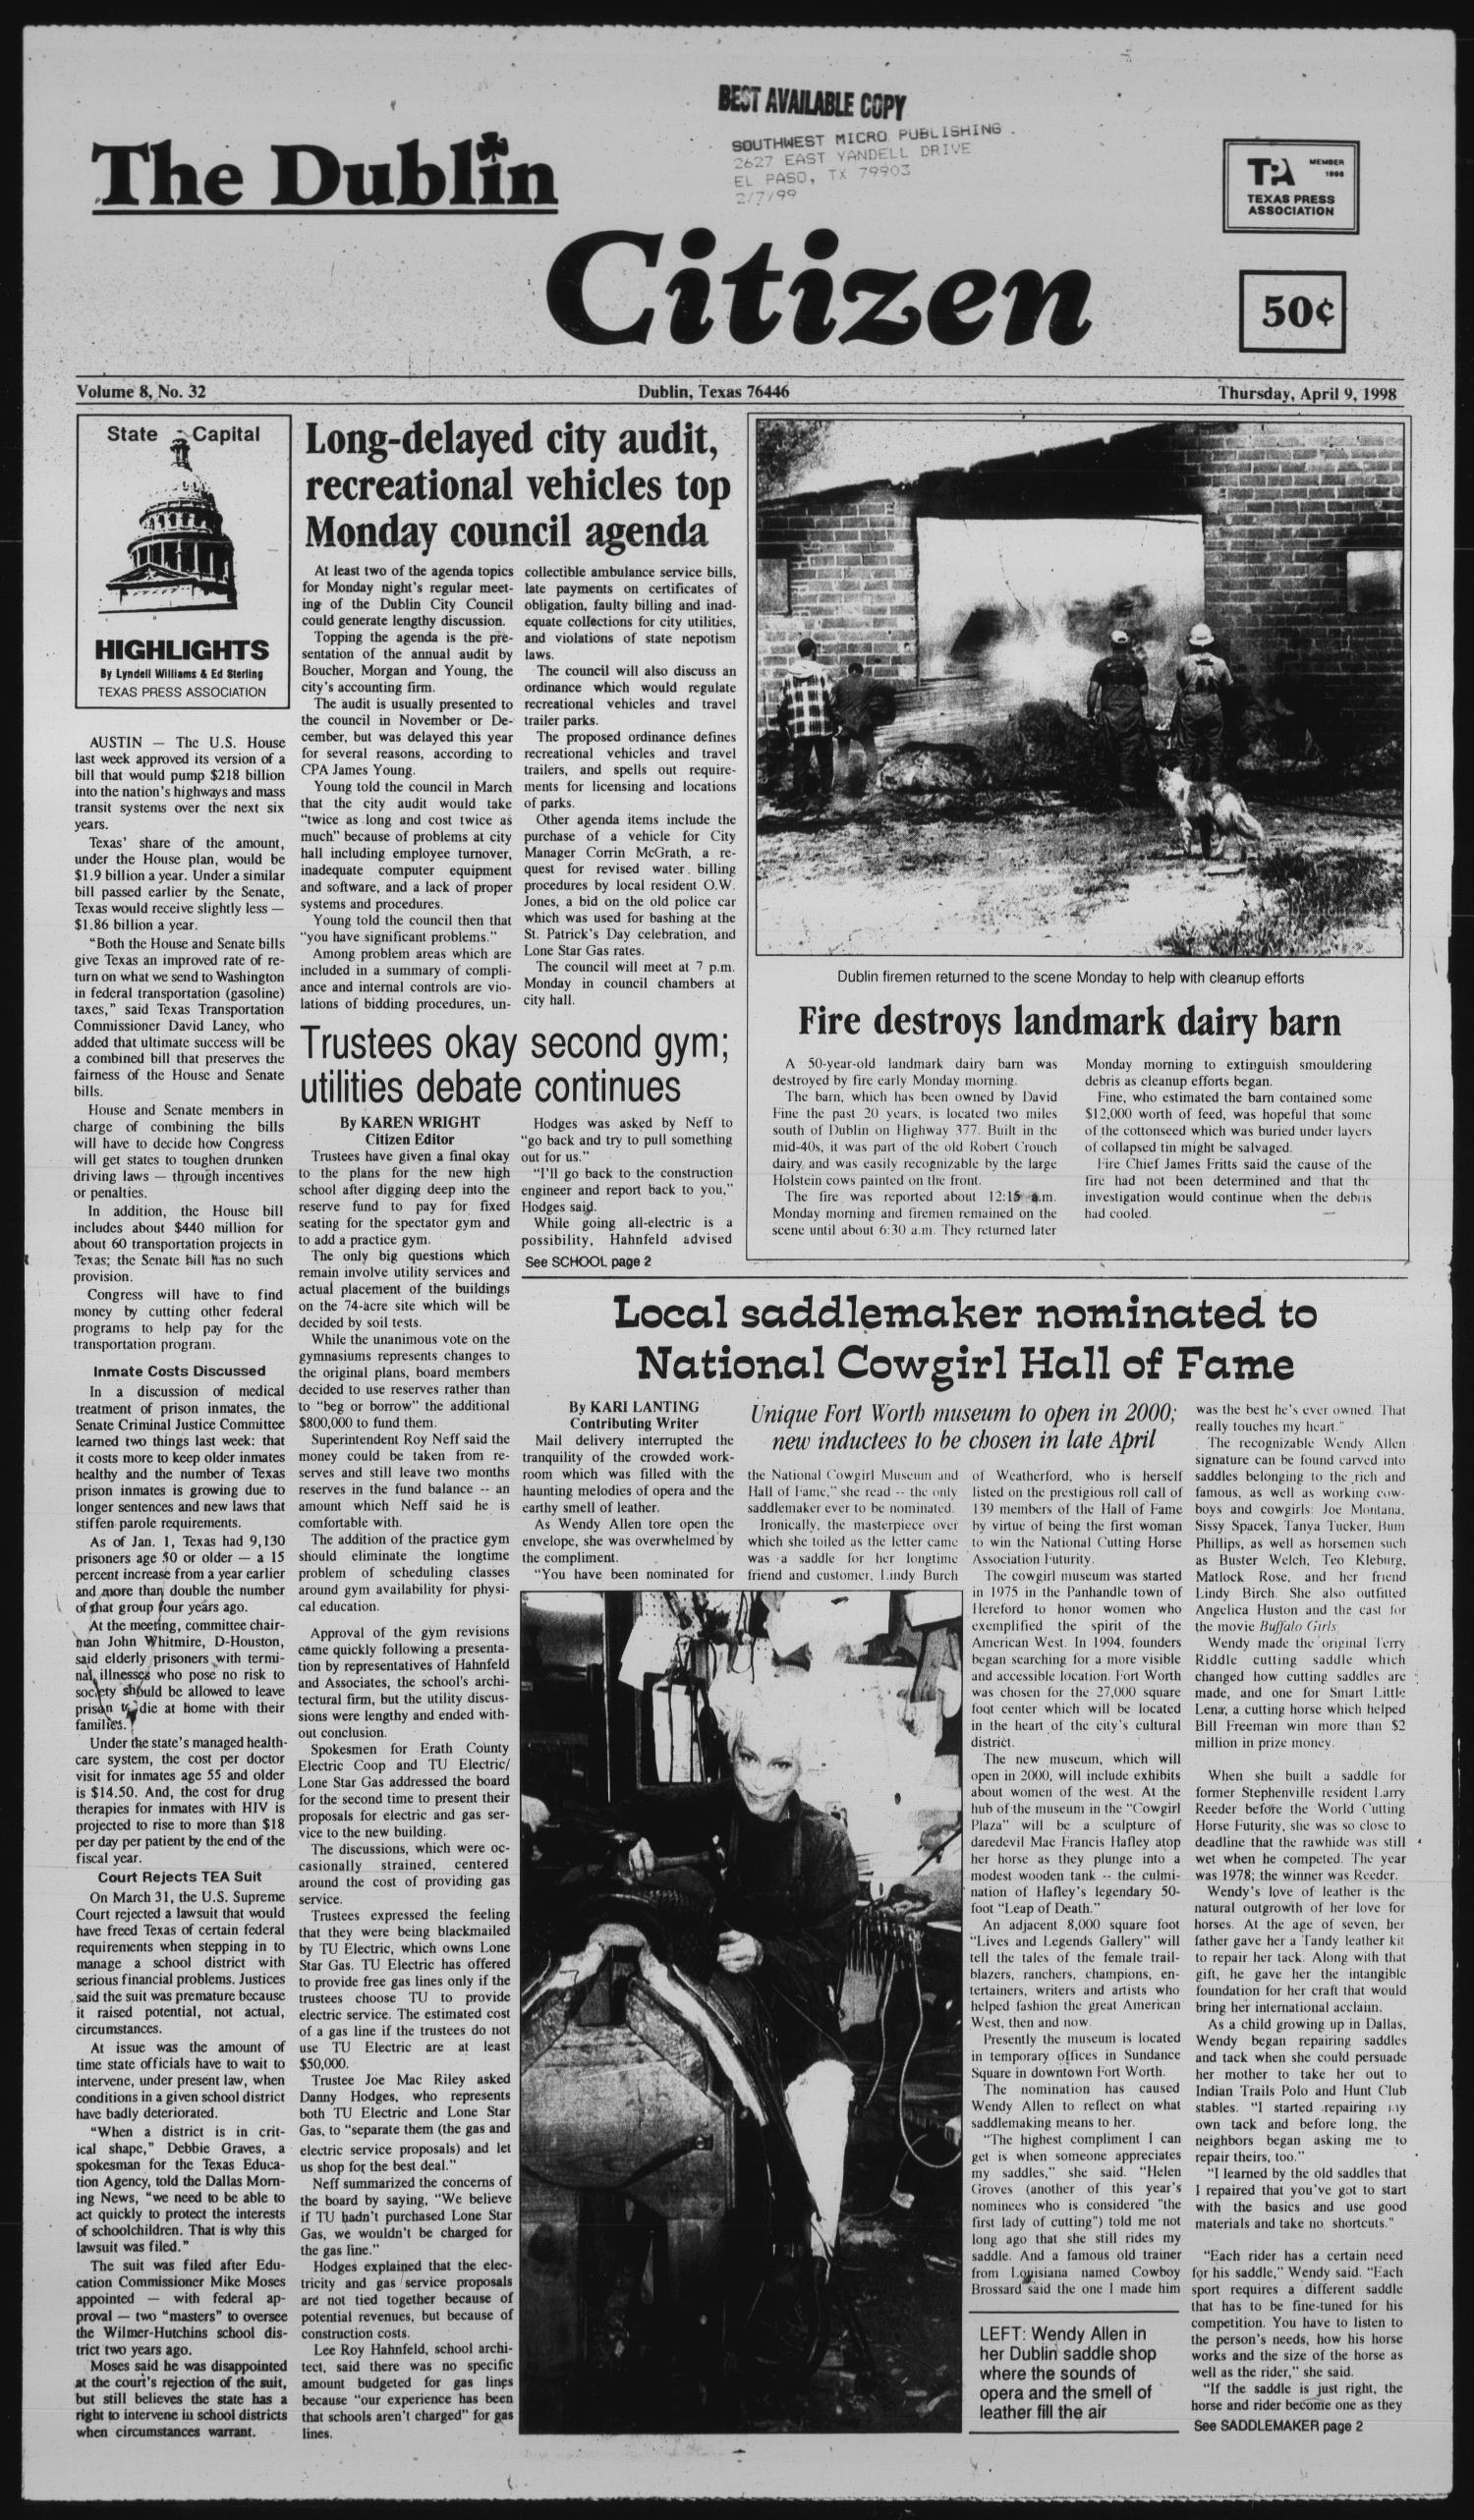 thursday april 9th 1998